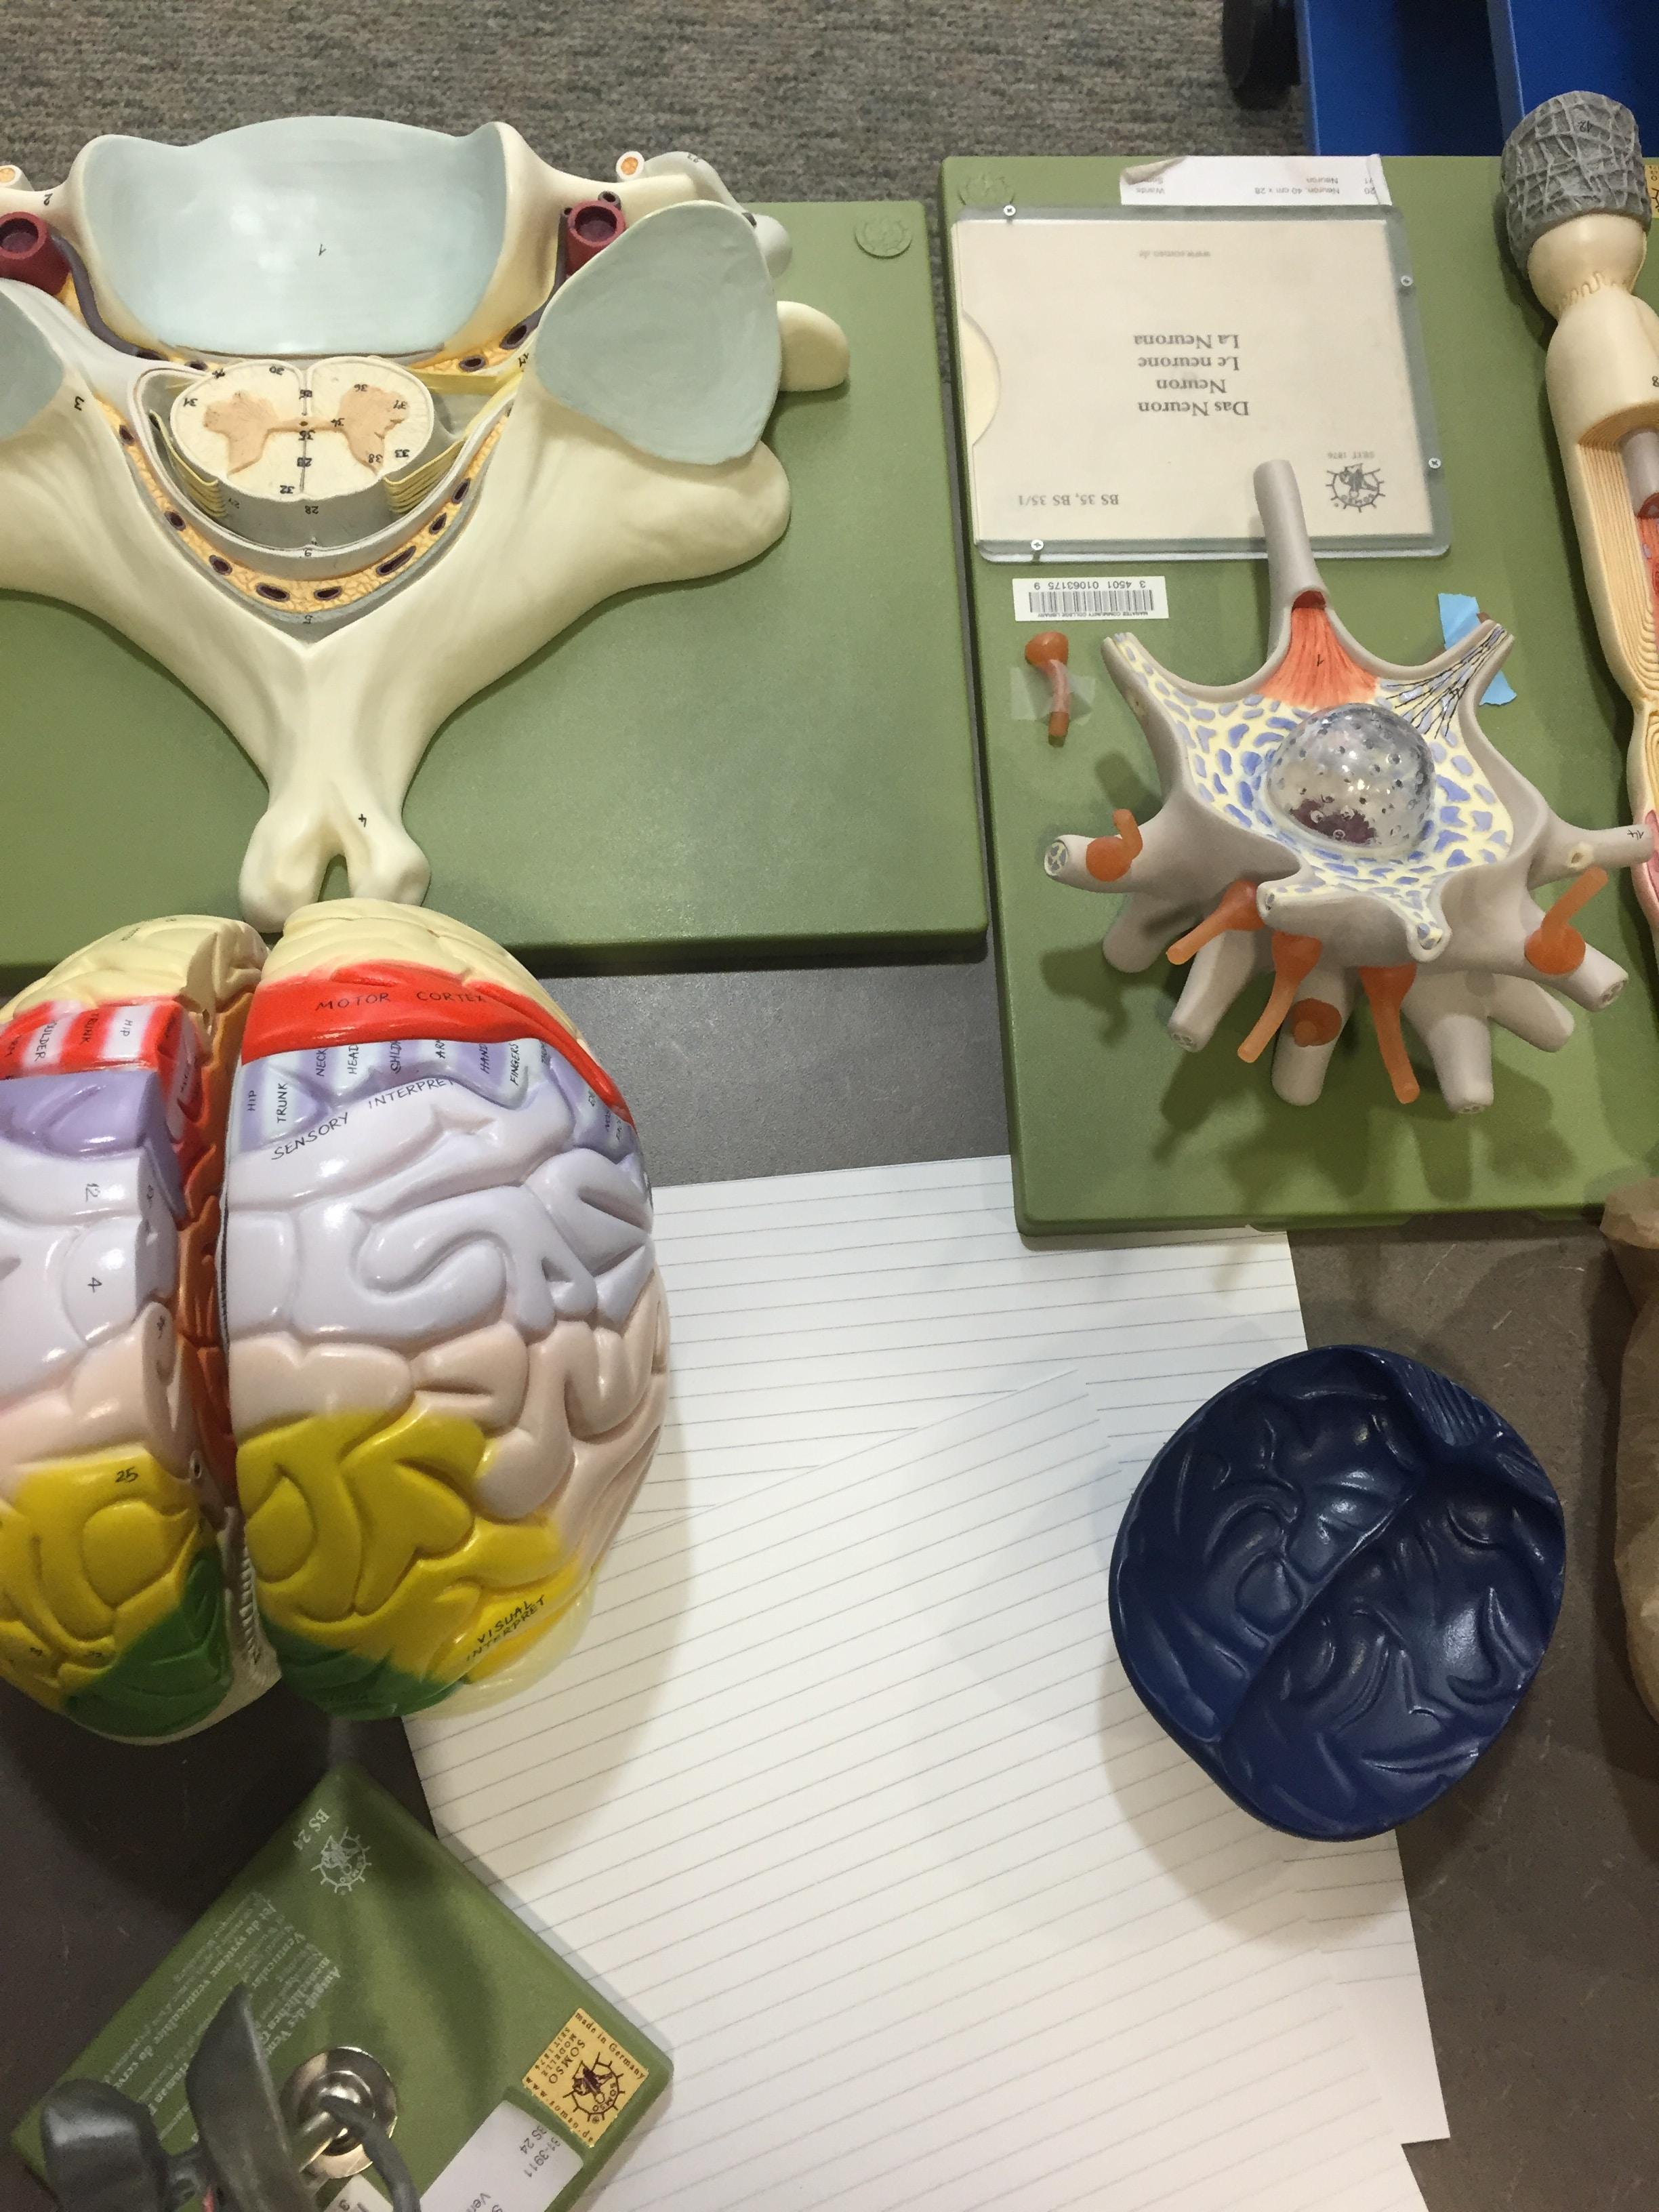 A fake brain.